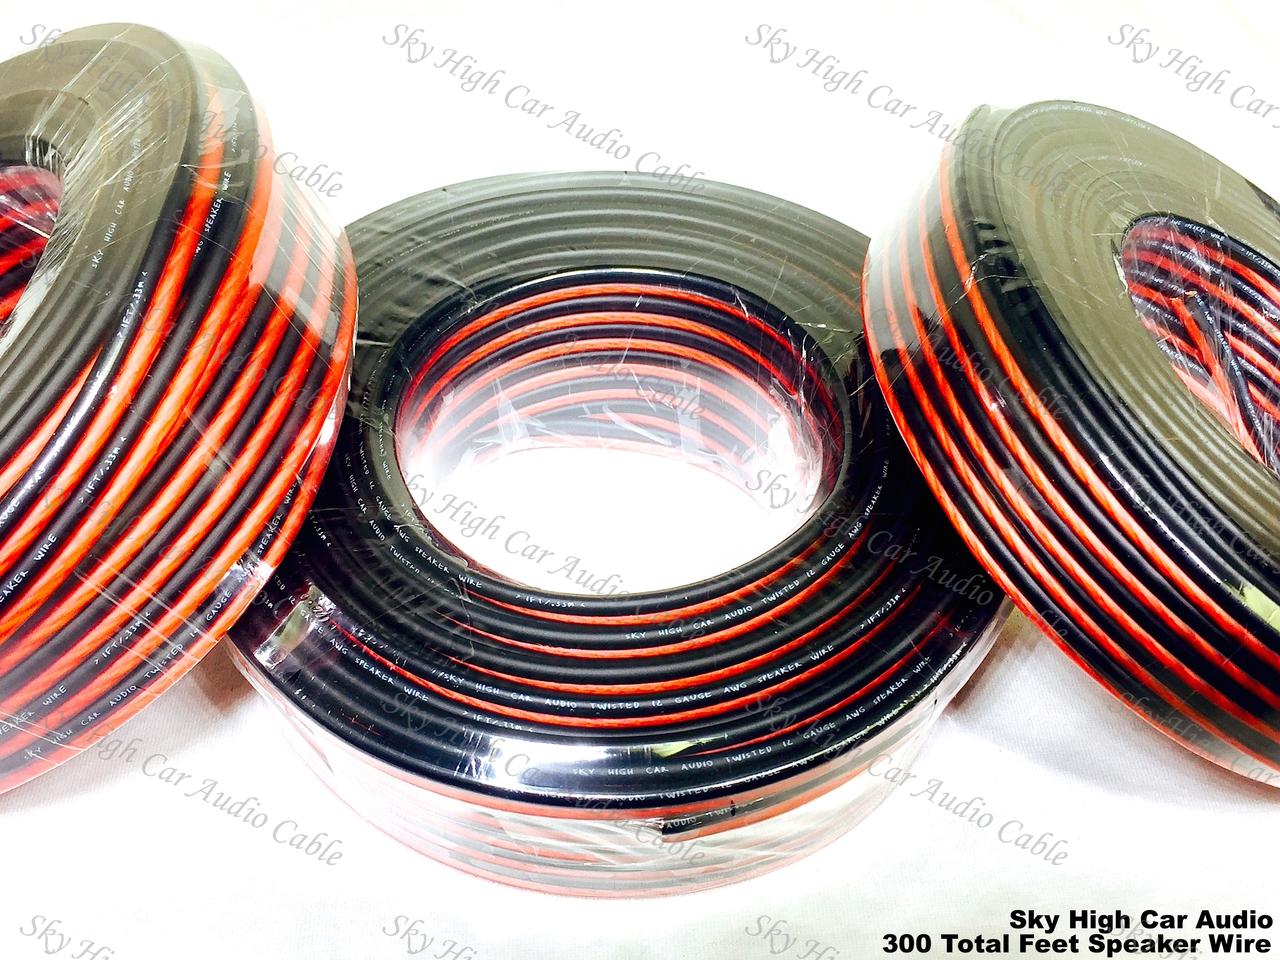 100' feet EACH 12 14 & 16 Gauge AWG 300' Speaker Wire